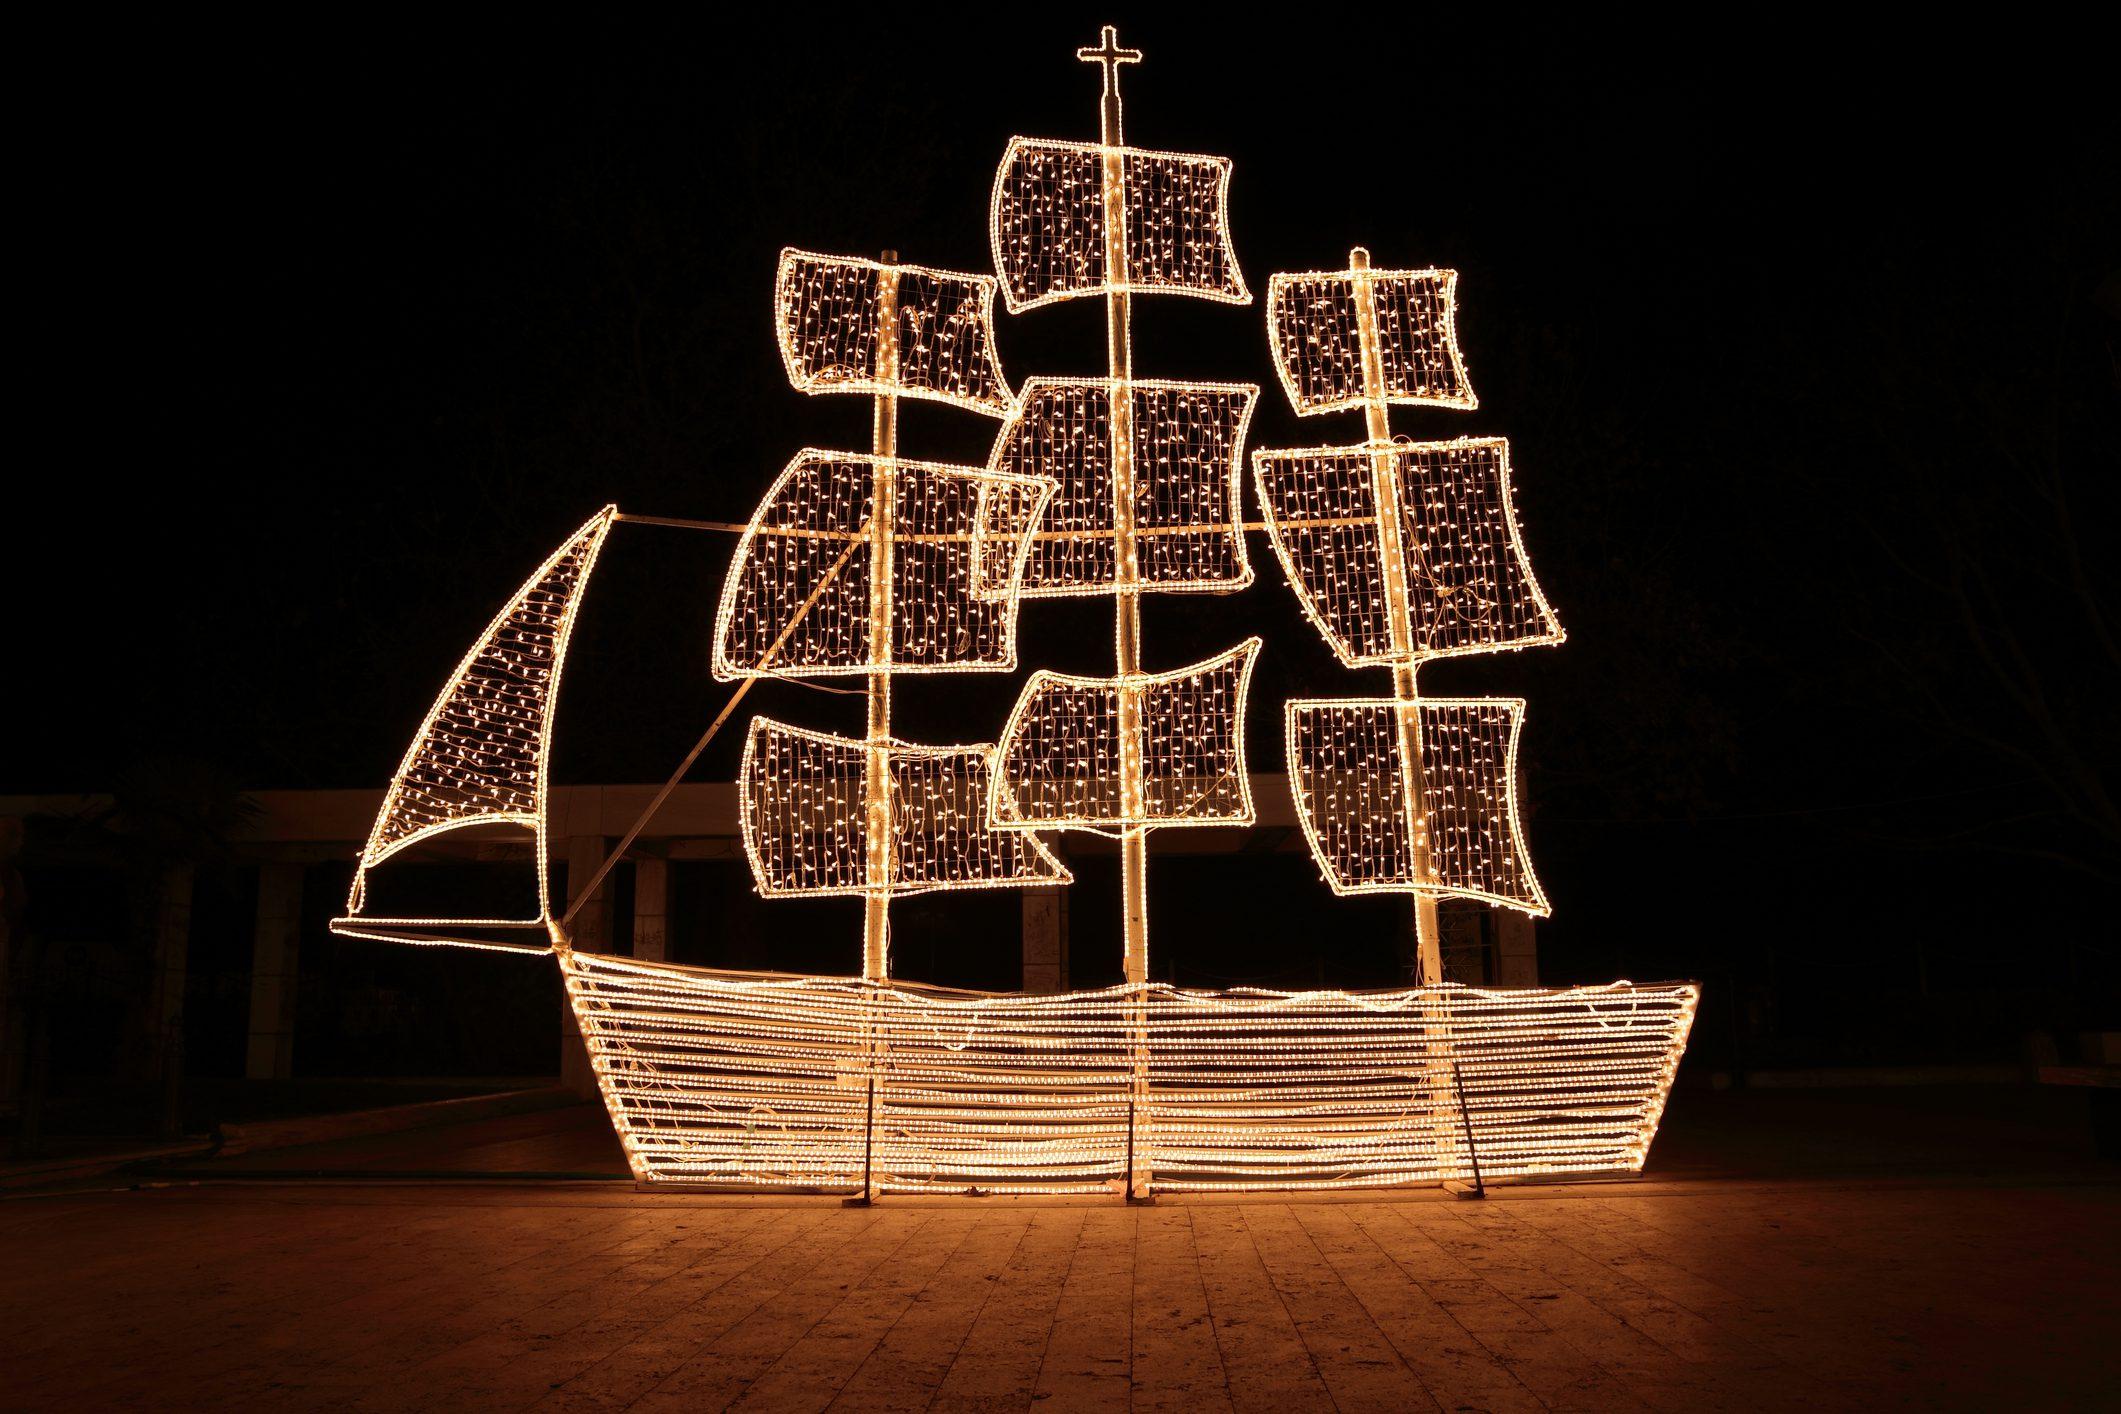 Lights on boat